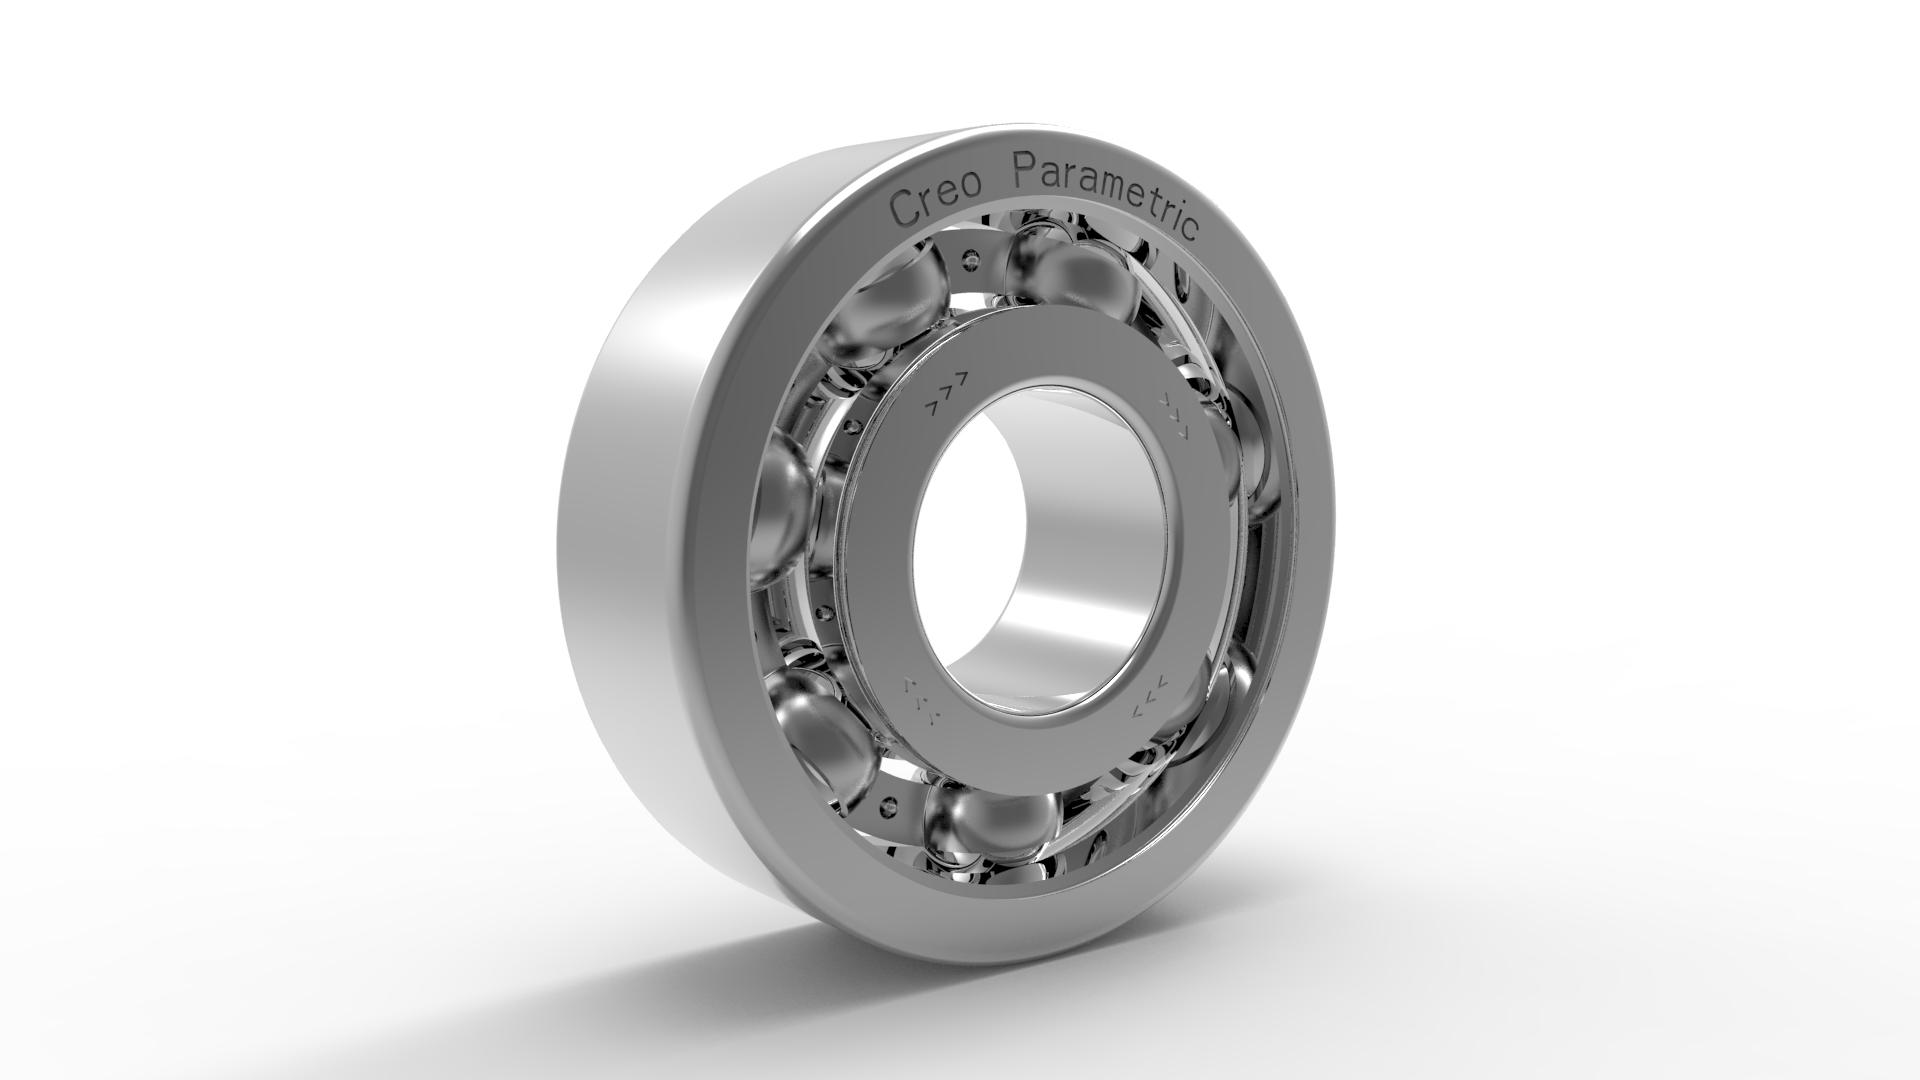 bearing-02_1920x1080.jpg